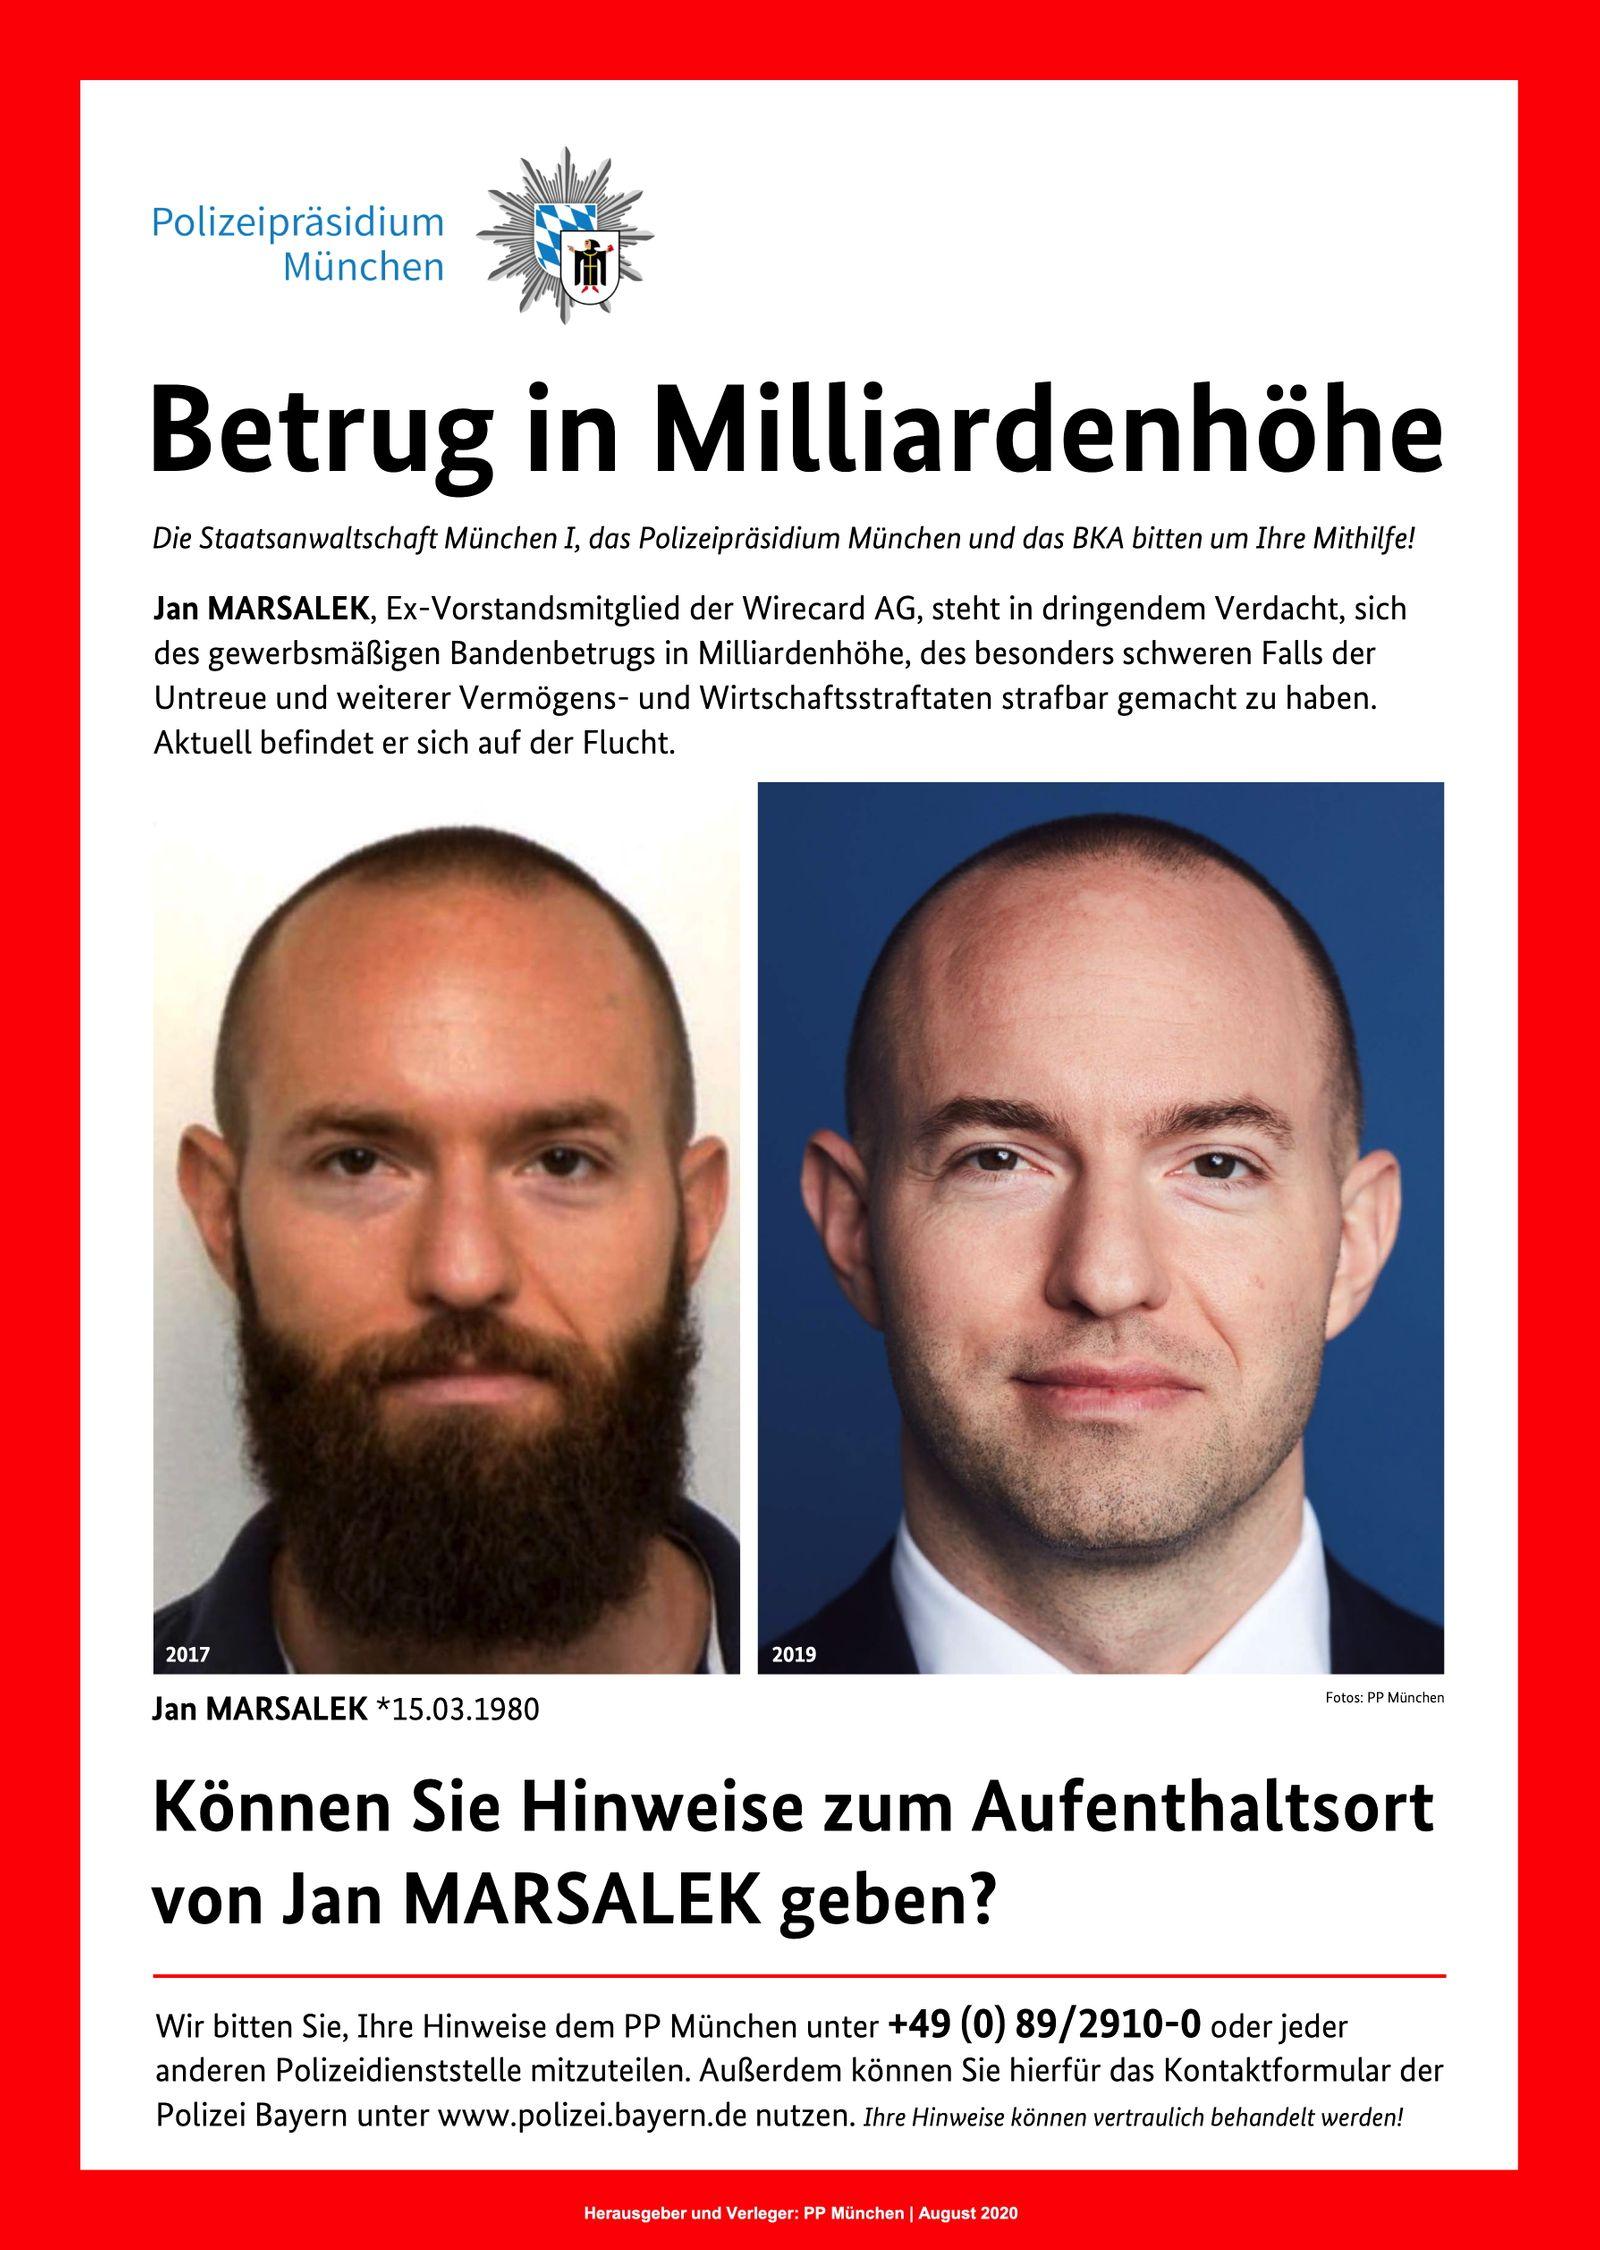 Öffentlichkeitsfahndung Bundeskriminalamt